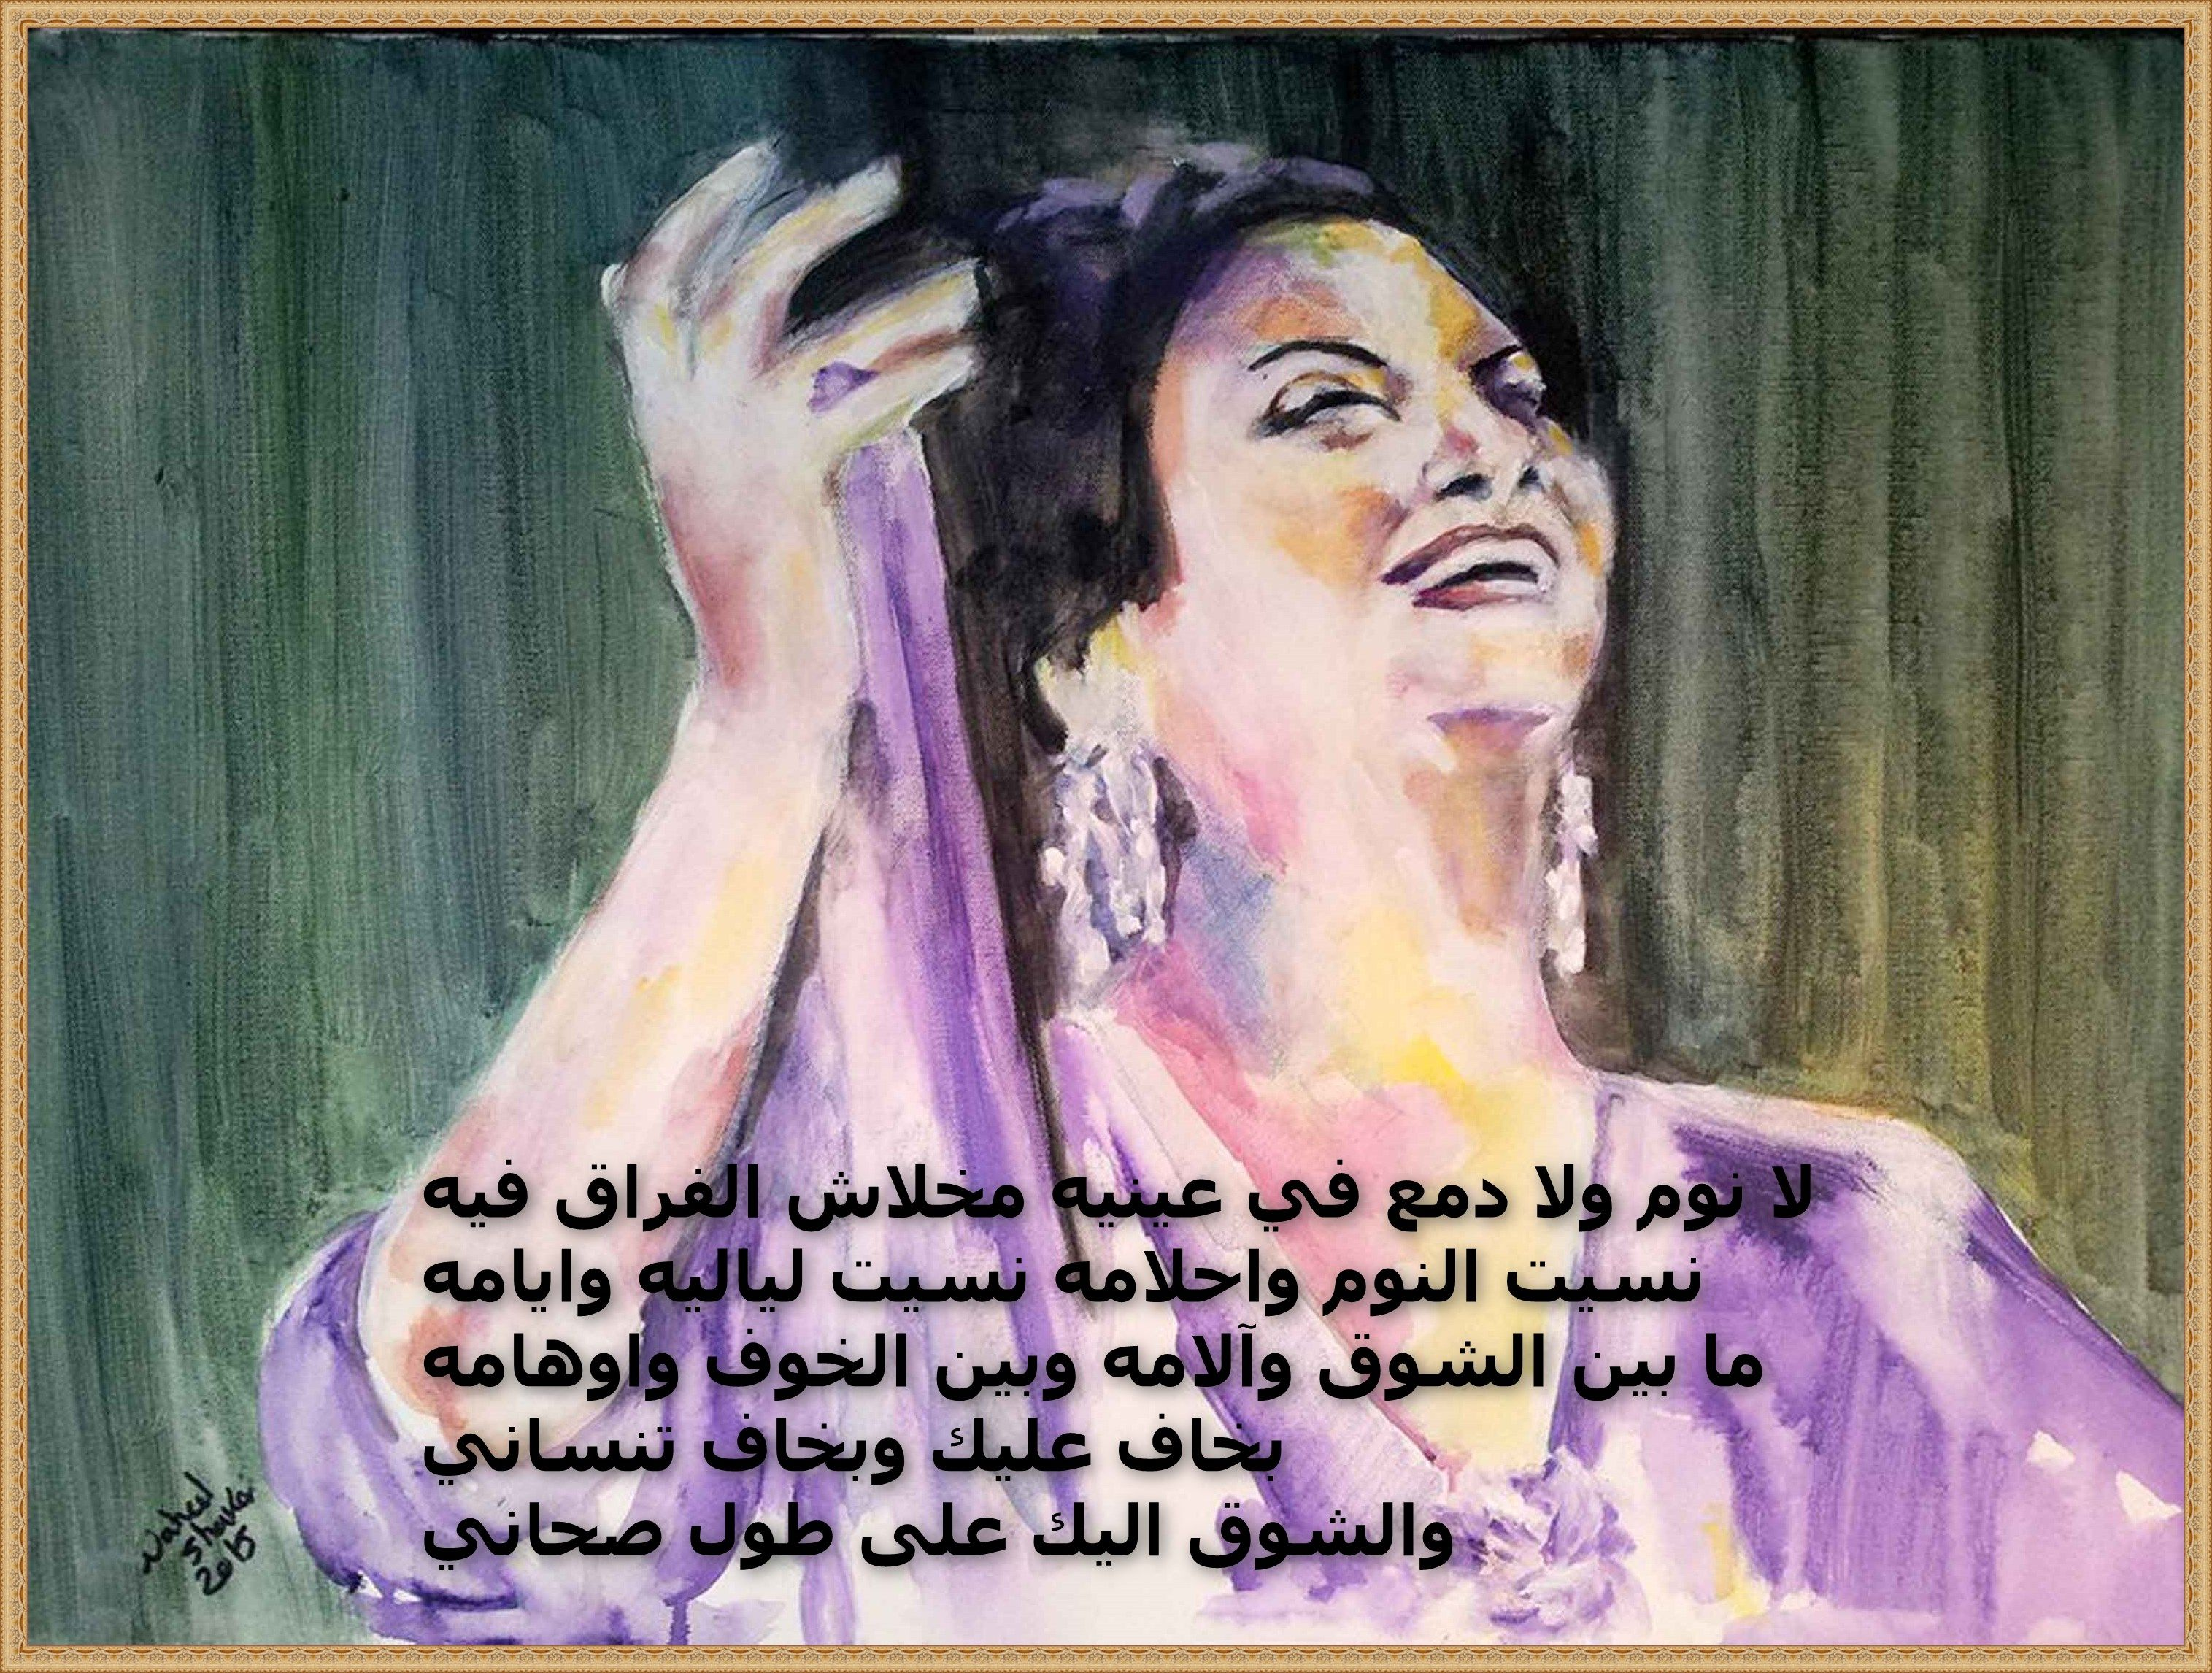 بعيد عنك كوكب الشرق ام كلثوم Movie Posters Poster Art